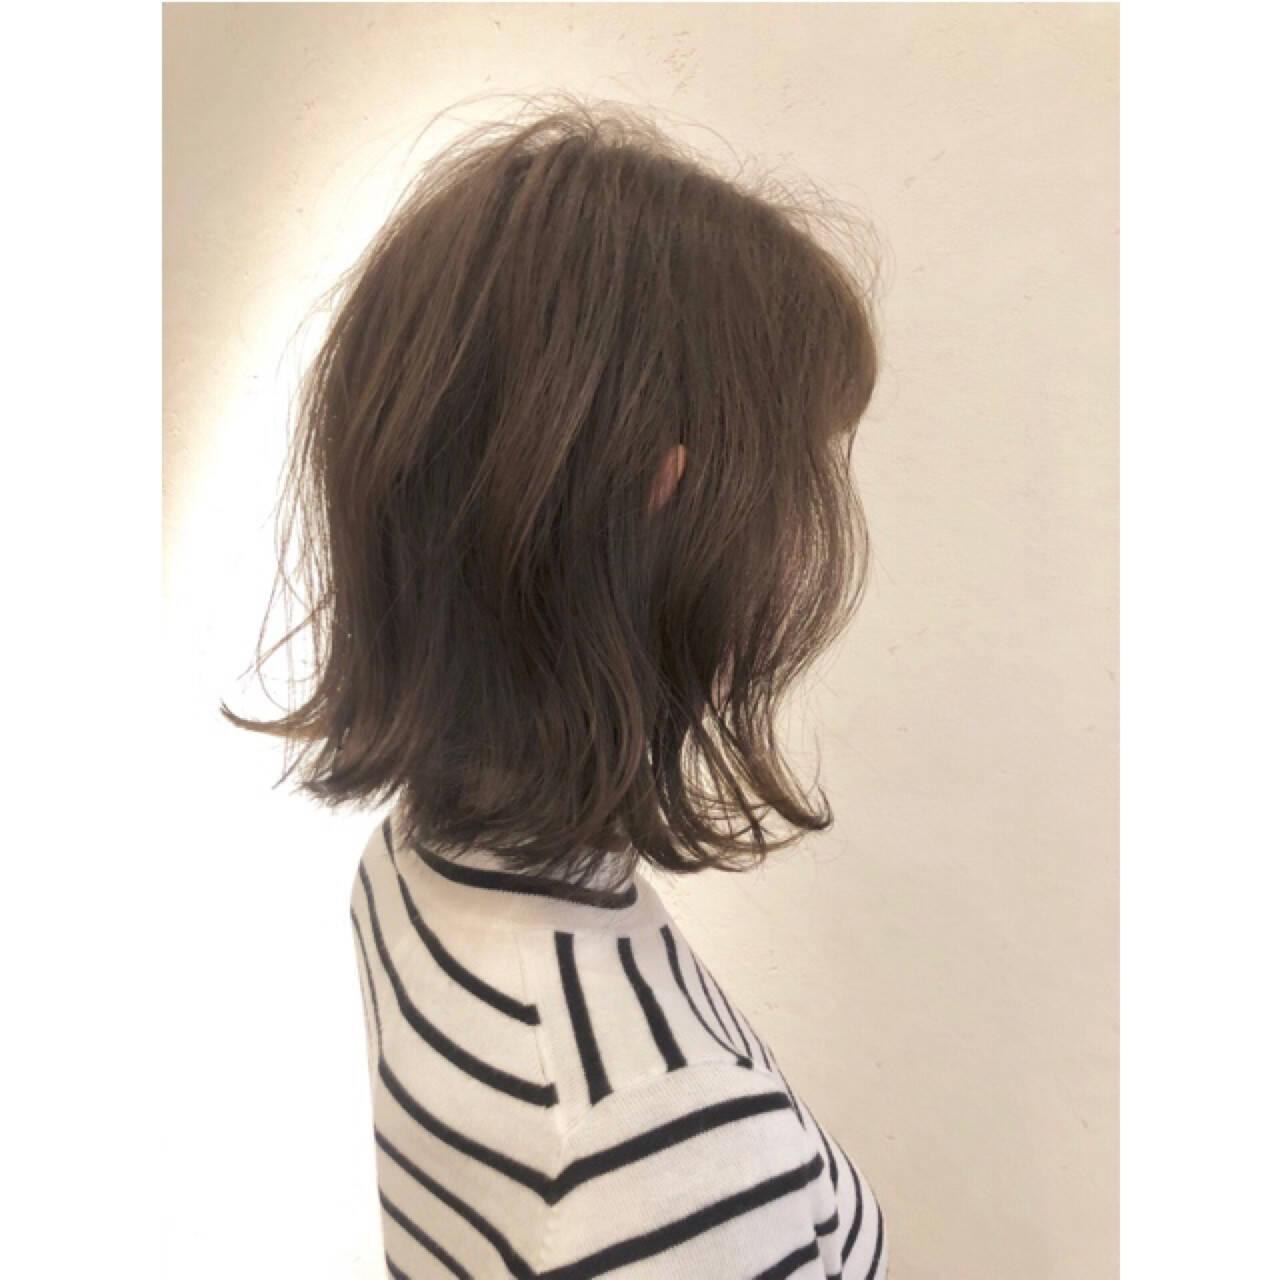 ナチュラル 大人女子 こなれ感 ボブヘアスタイルや髪型の写真・画像